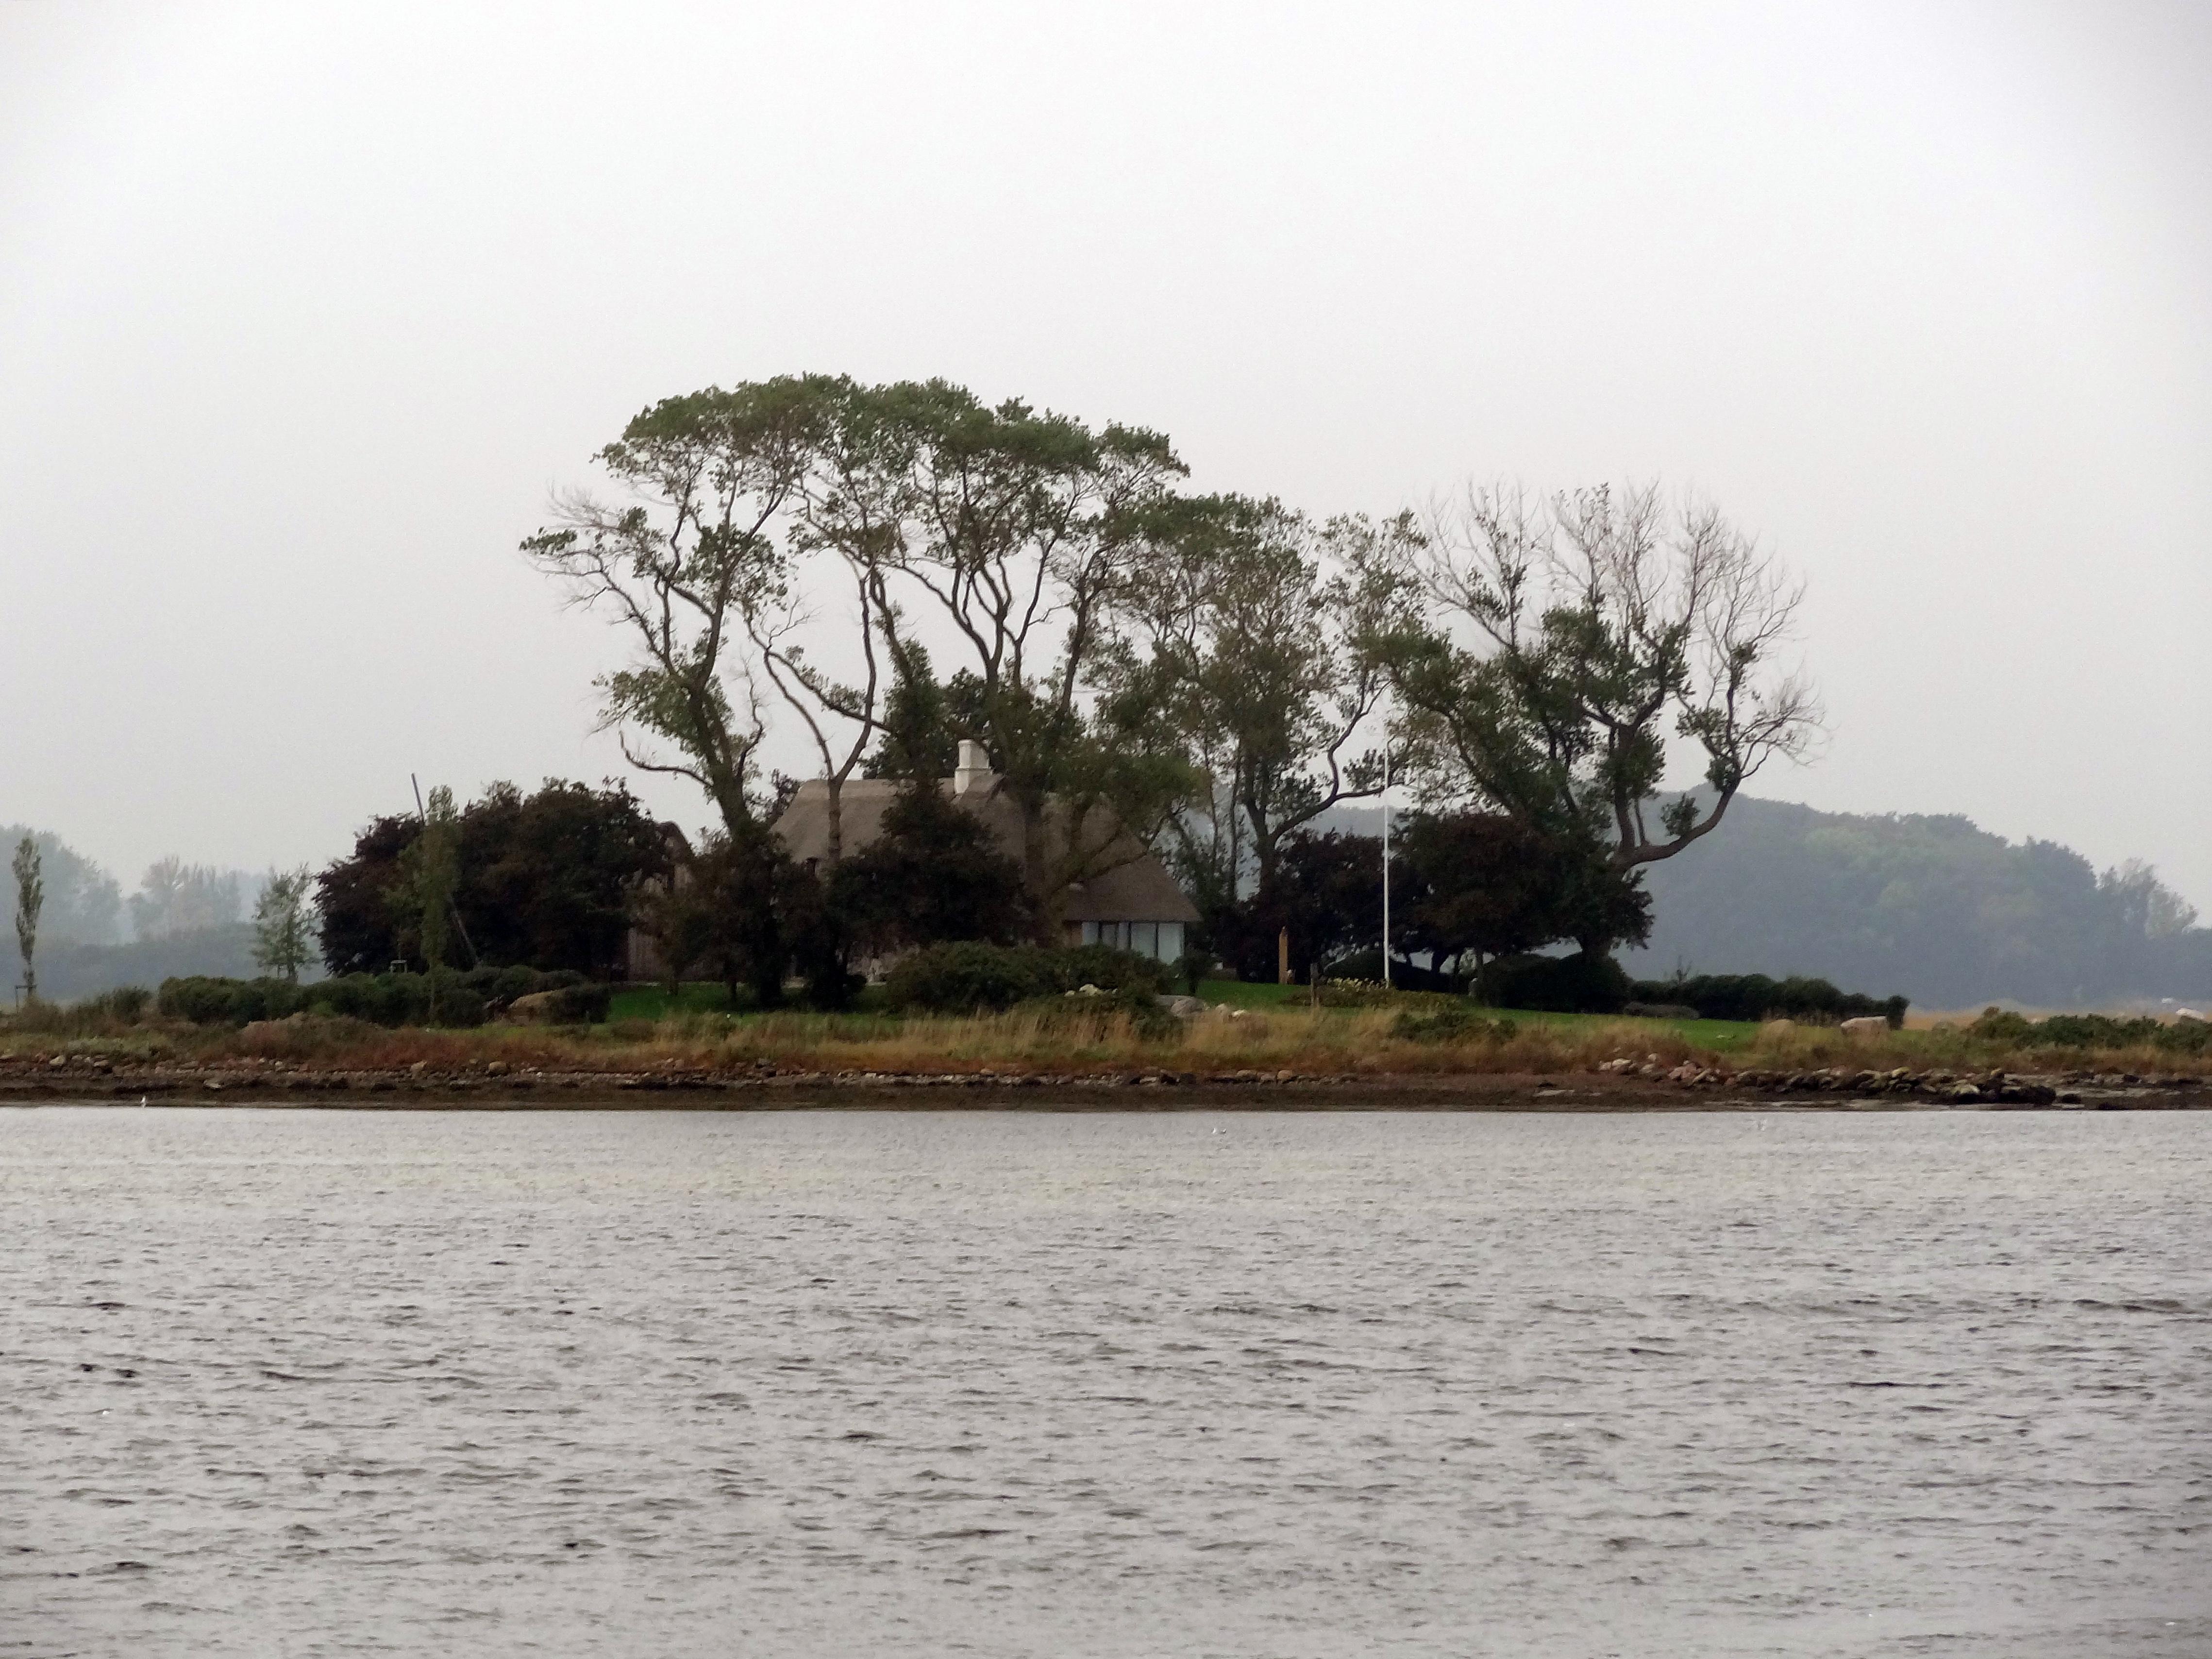 Insel in der Schlei